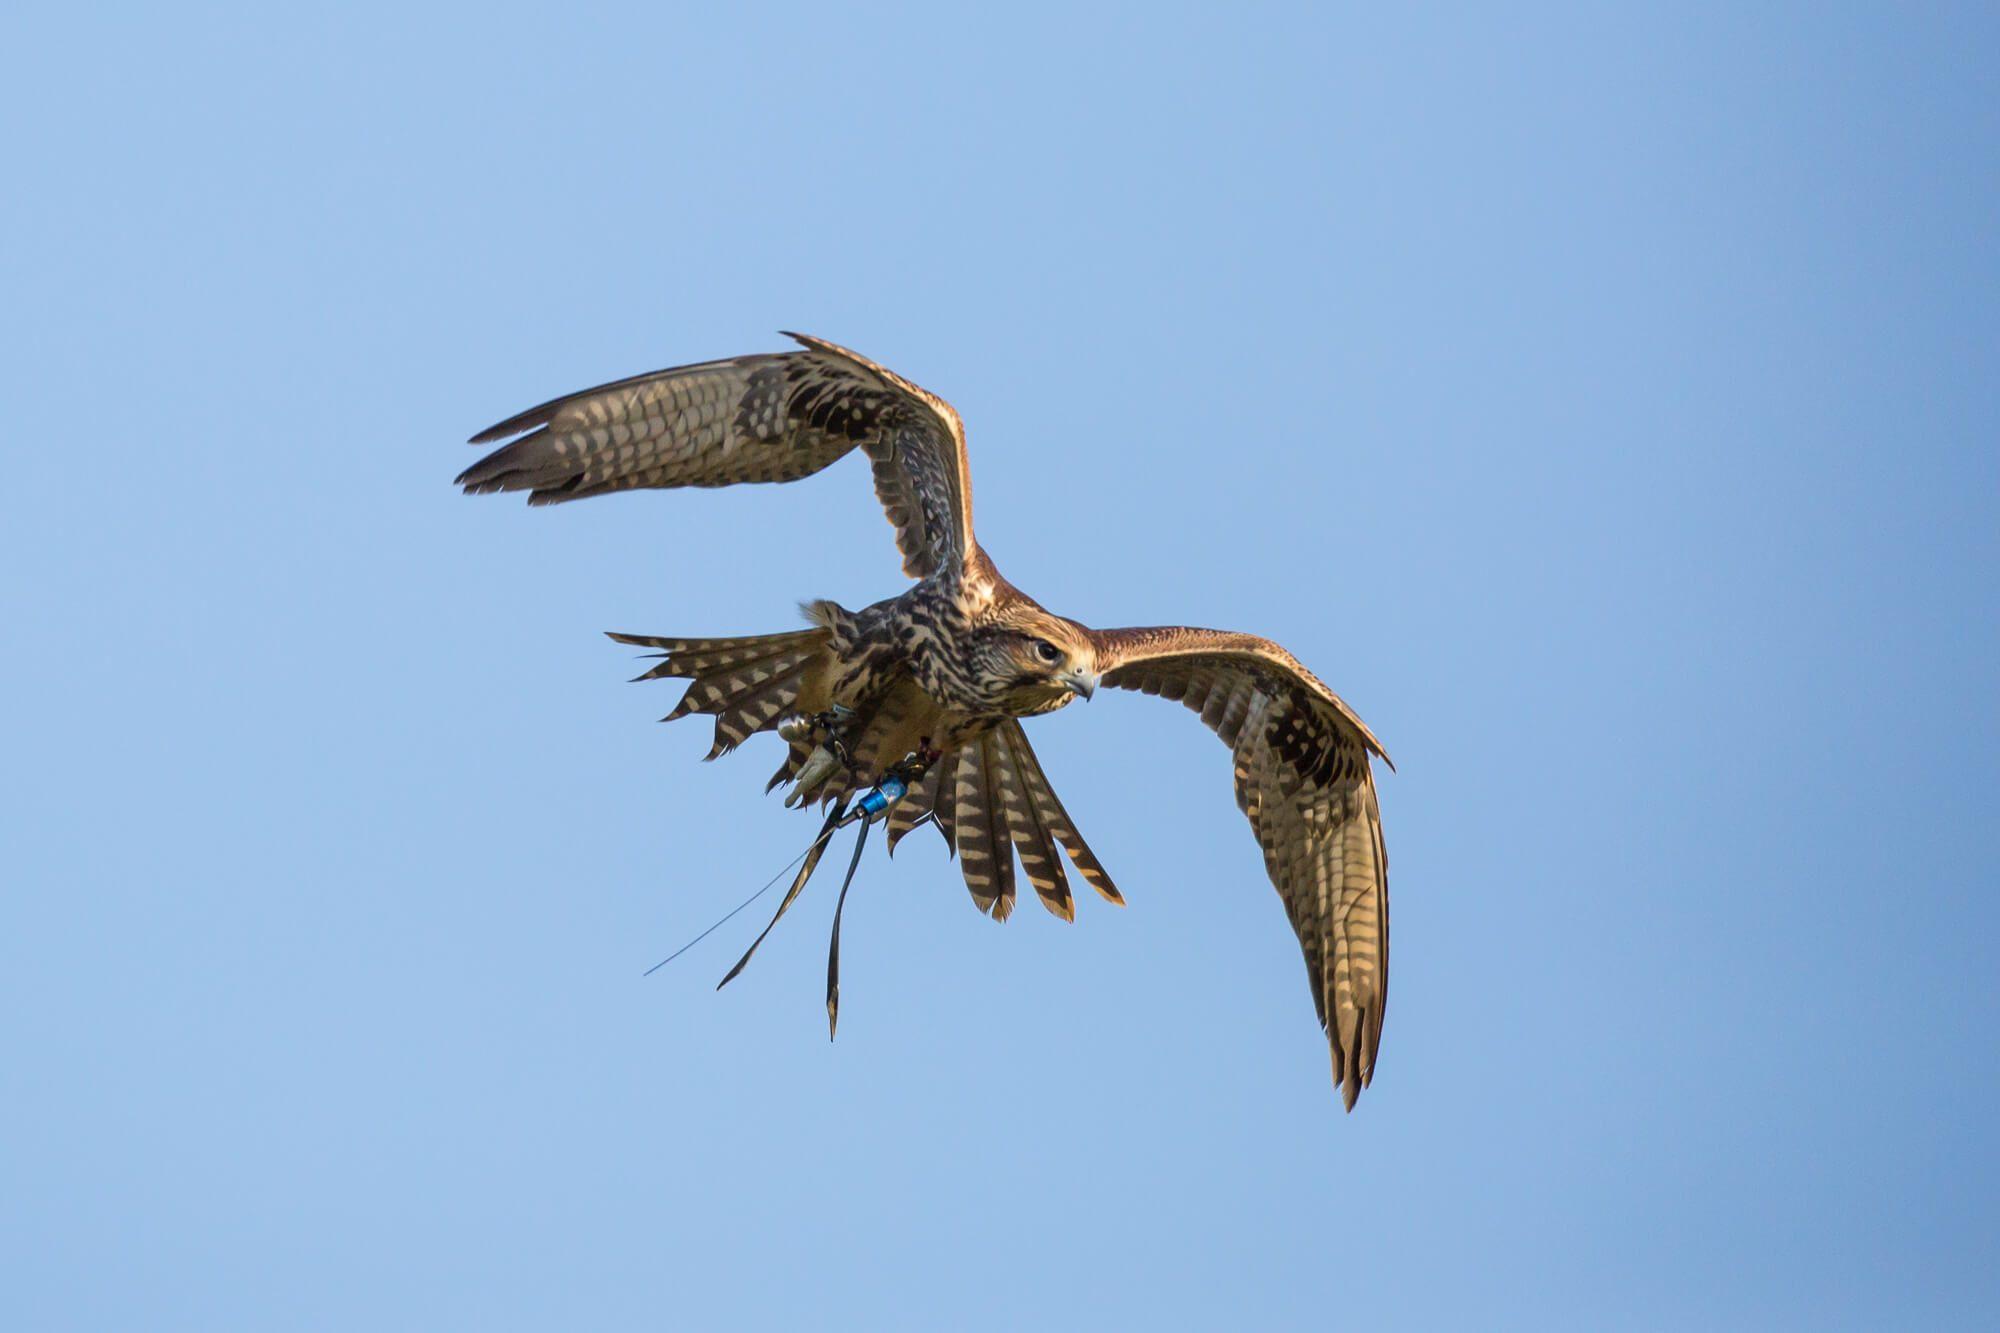 Flying Saker Falcon